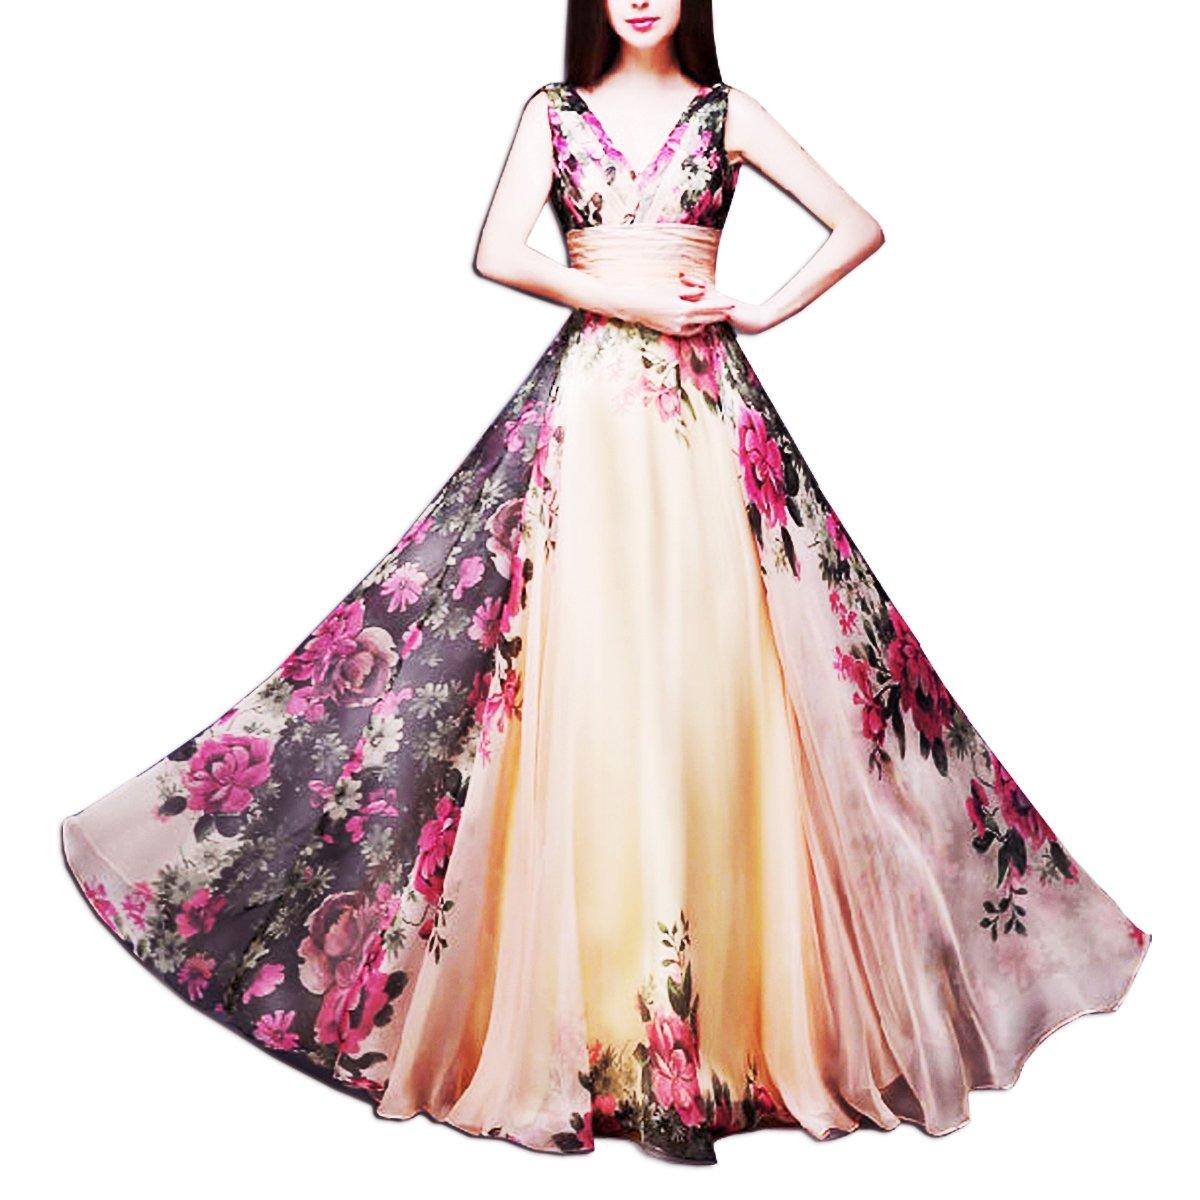 8b8782aae7ac KAXIDY Vestito Fiore Donna Vestiti da Sera Eleganti Vestito da Sera Lungo  Abiti da Cocktail Abiti da Sera Rosa Giallo  Amazon.it  Abbigliamento